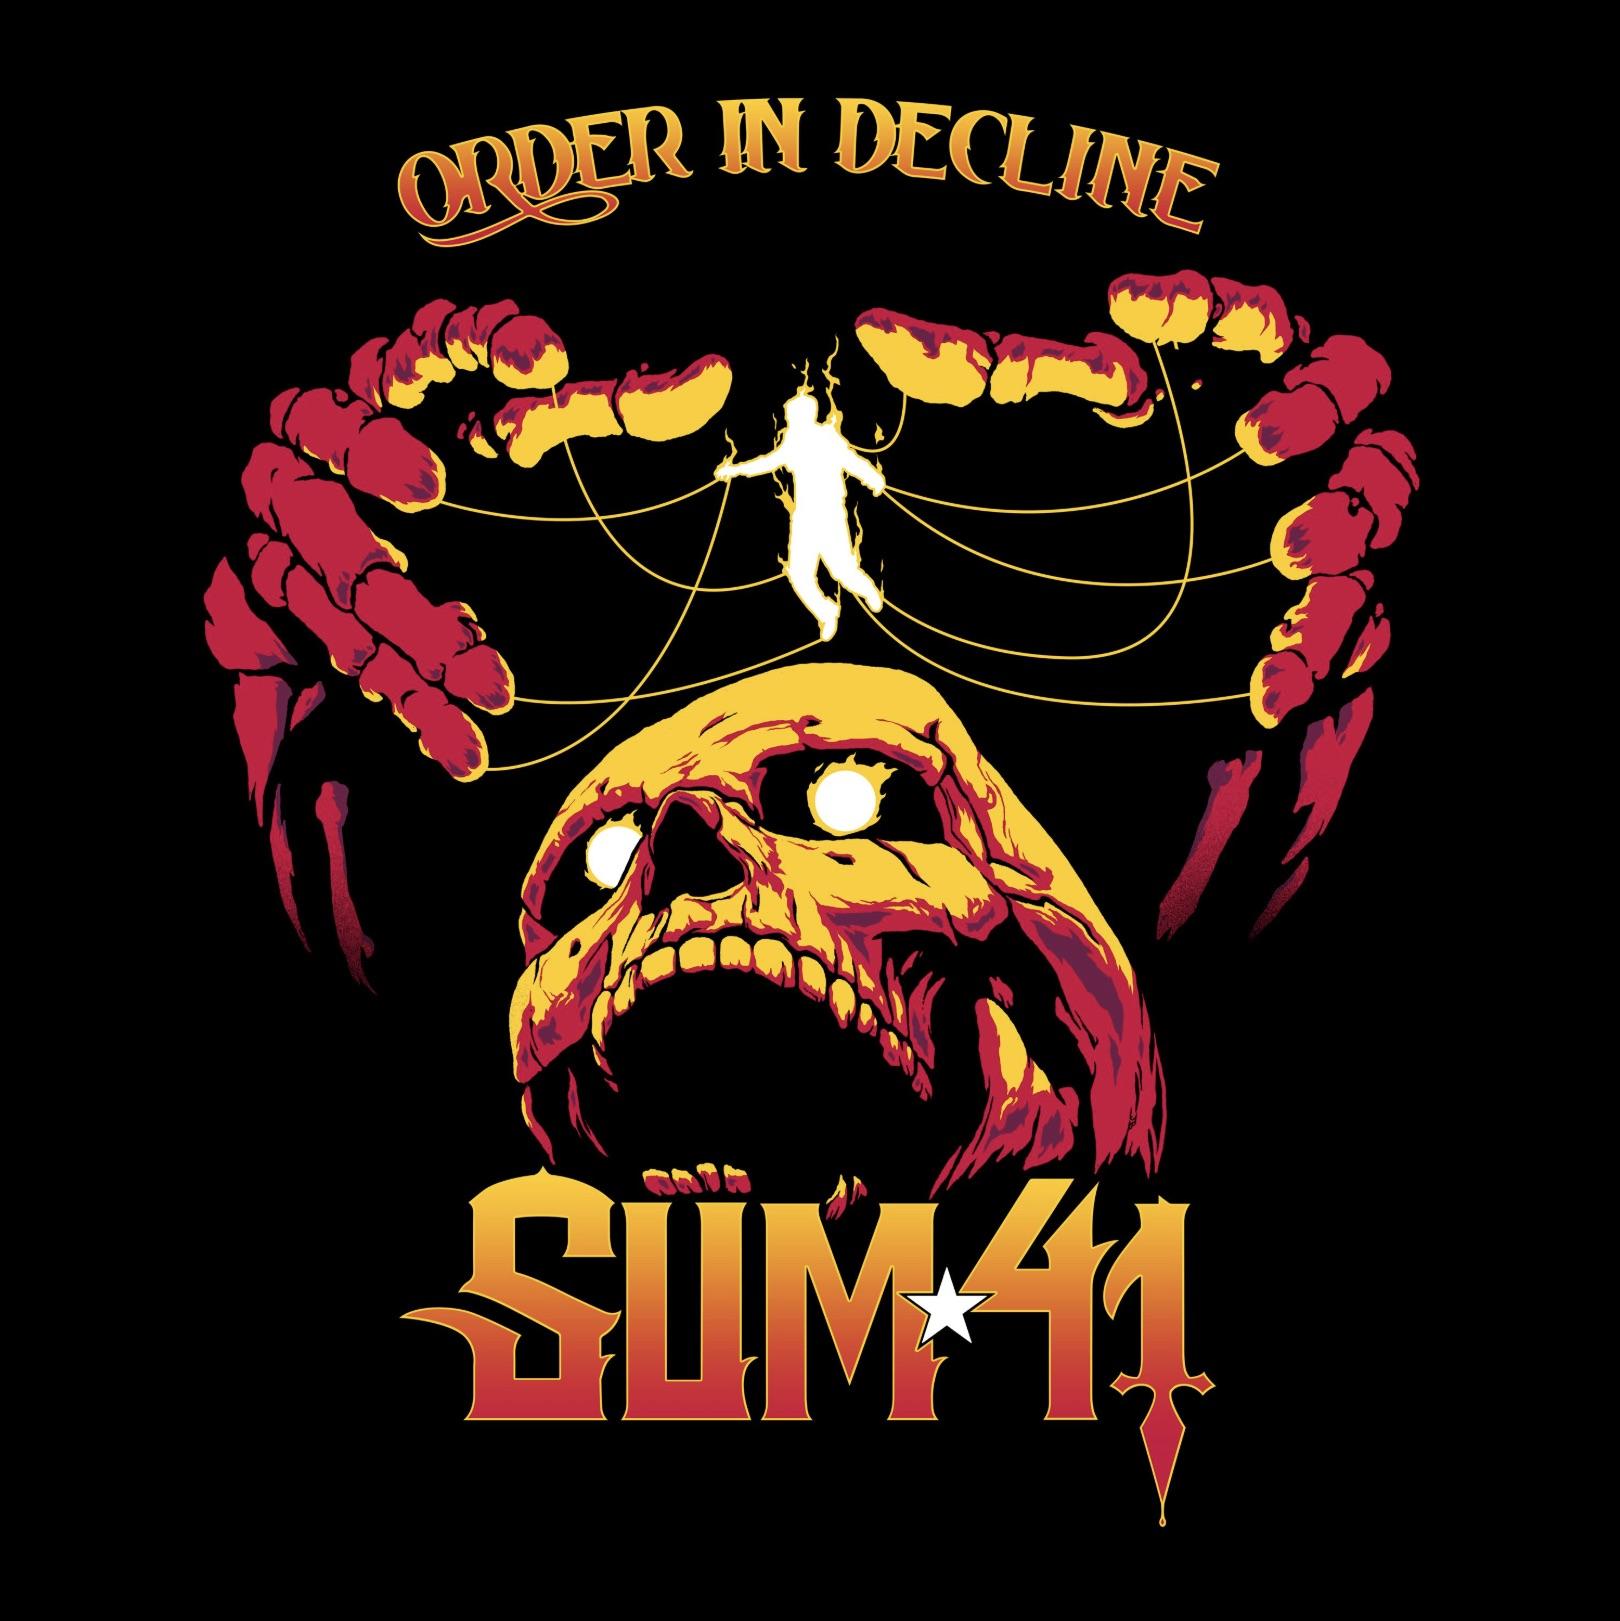 Sum 41 - Order In Decline.jpg